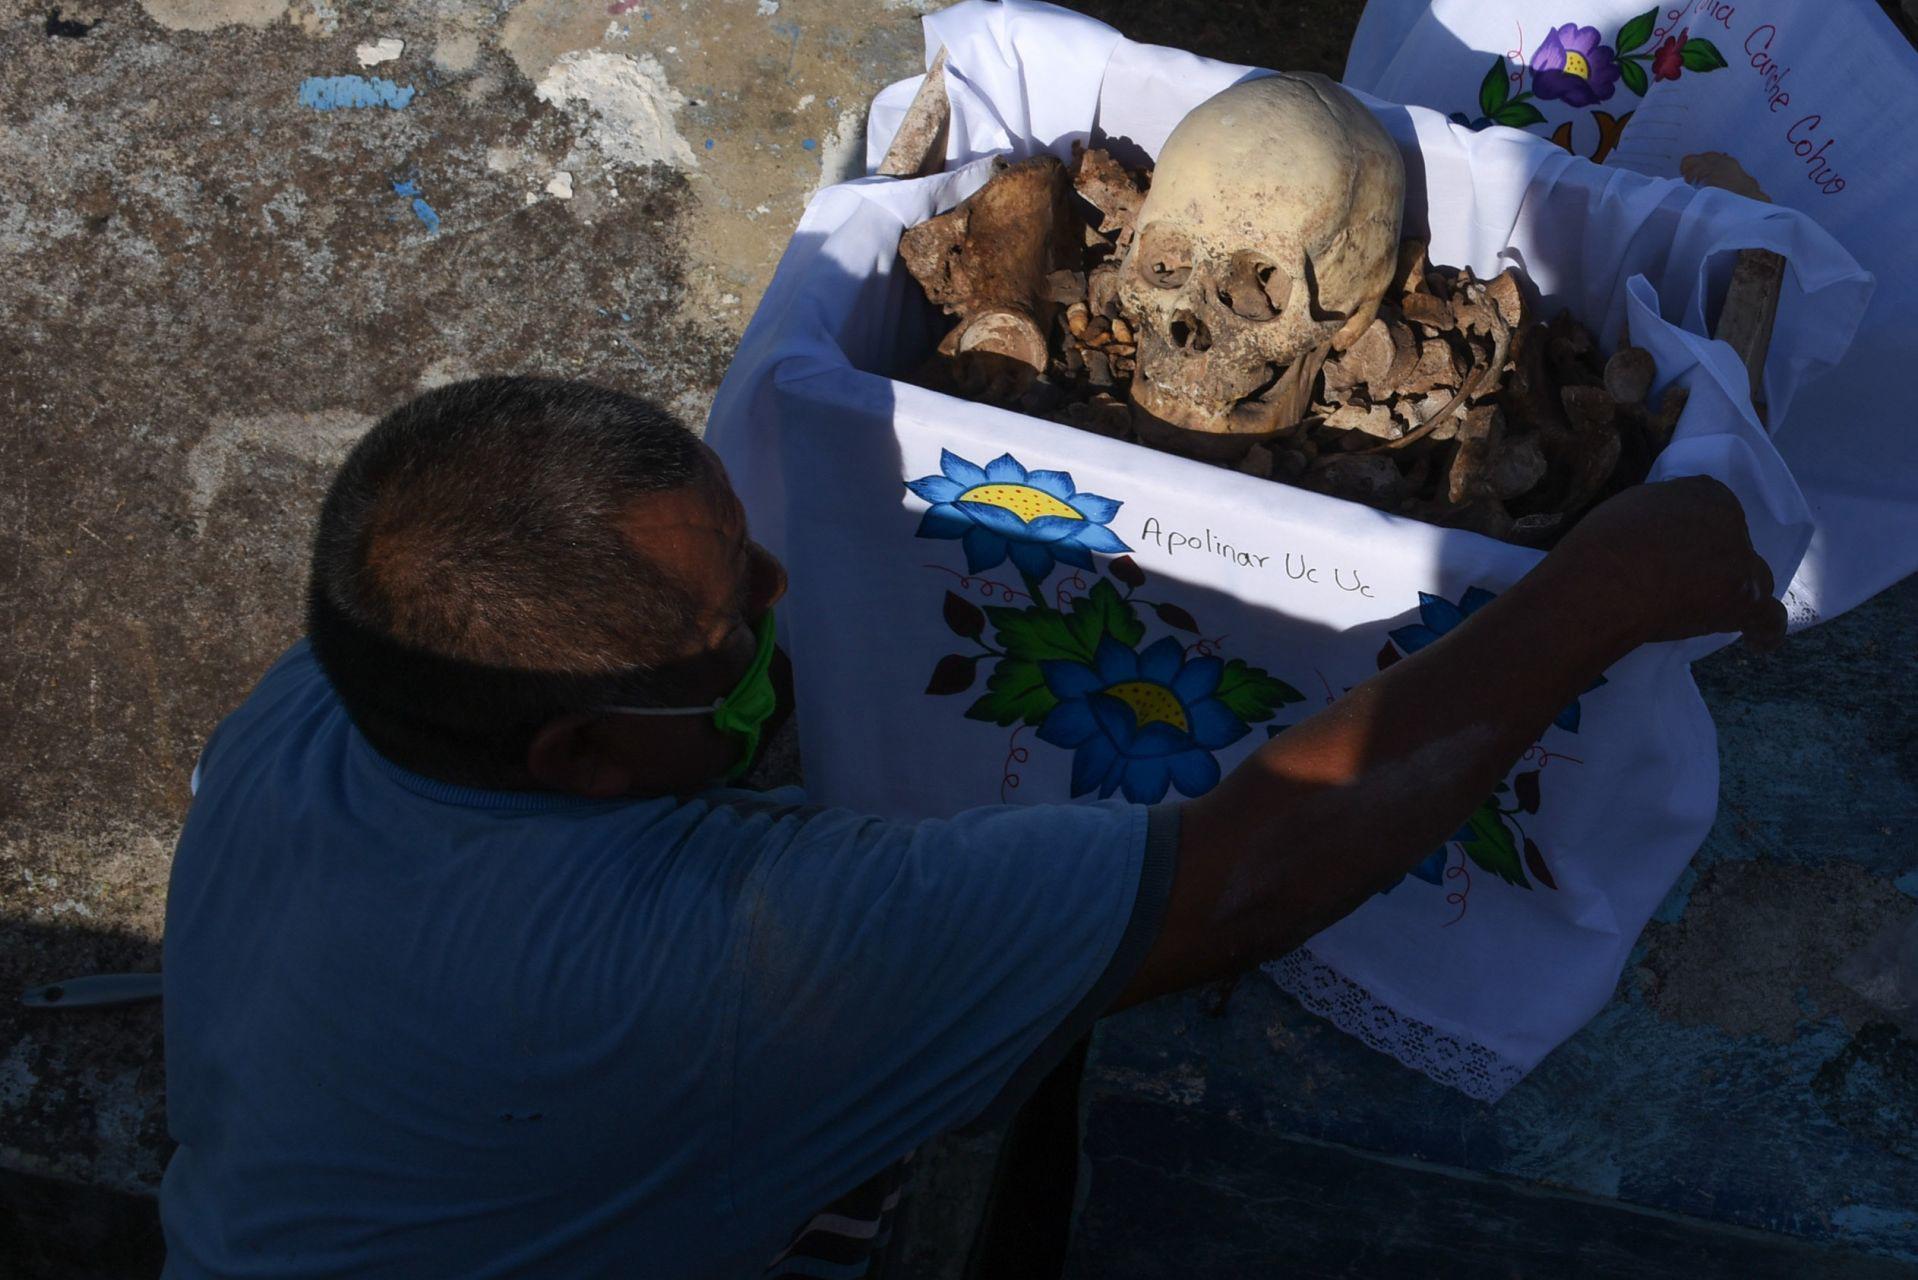 Pomuch, Campeche, México. 26 de octubre de 2020.